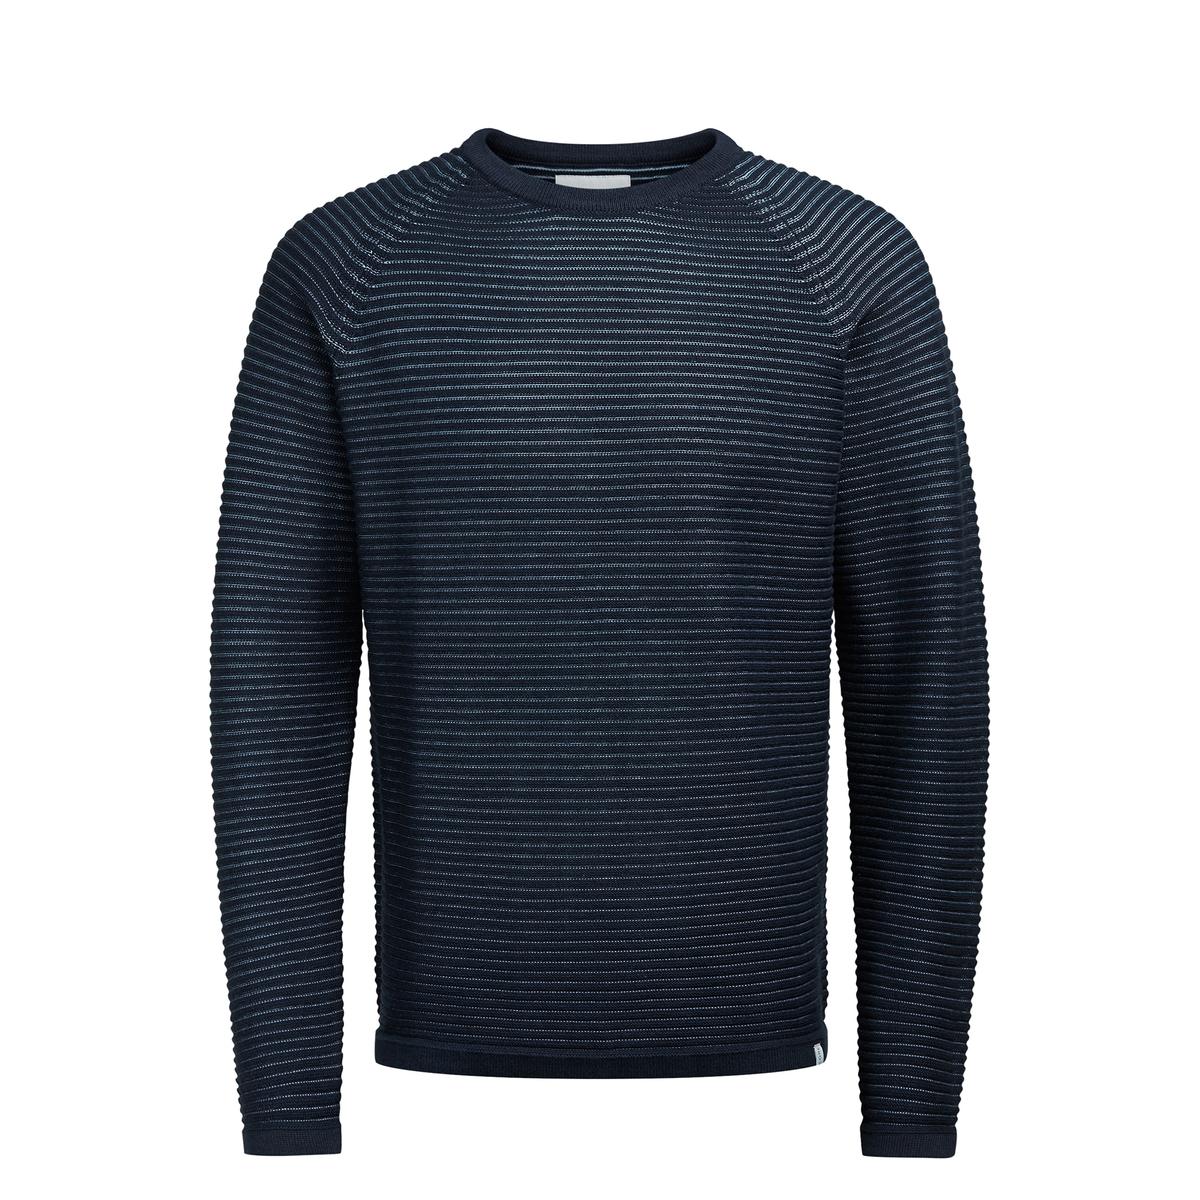 Пуловер крупной вязкиОписание:Детали  •  Длинные рукава  •  Круглый вырез •  Плотный трикотаж Состав и уход  •  100% хлопок  •  Следуйте советам по уходу, указанным на этикетке<br><br>Цвет: синий морской,темно-серый<br>Размер: S